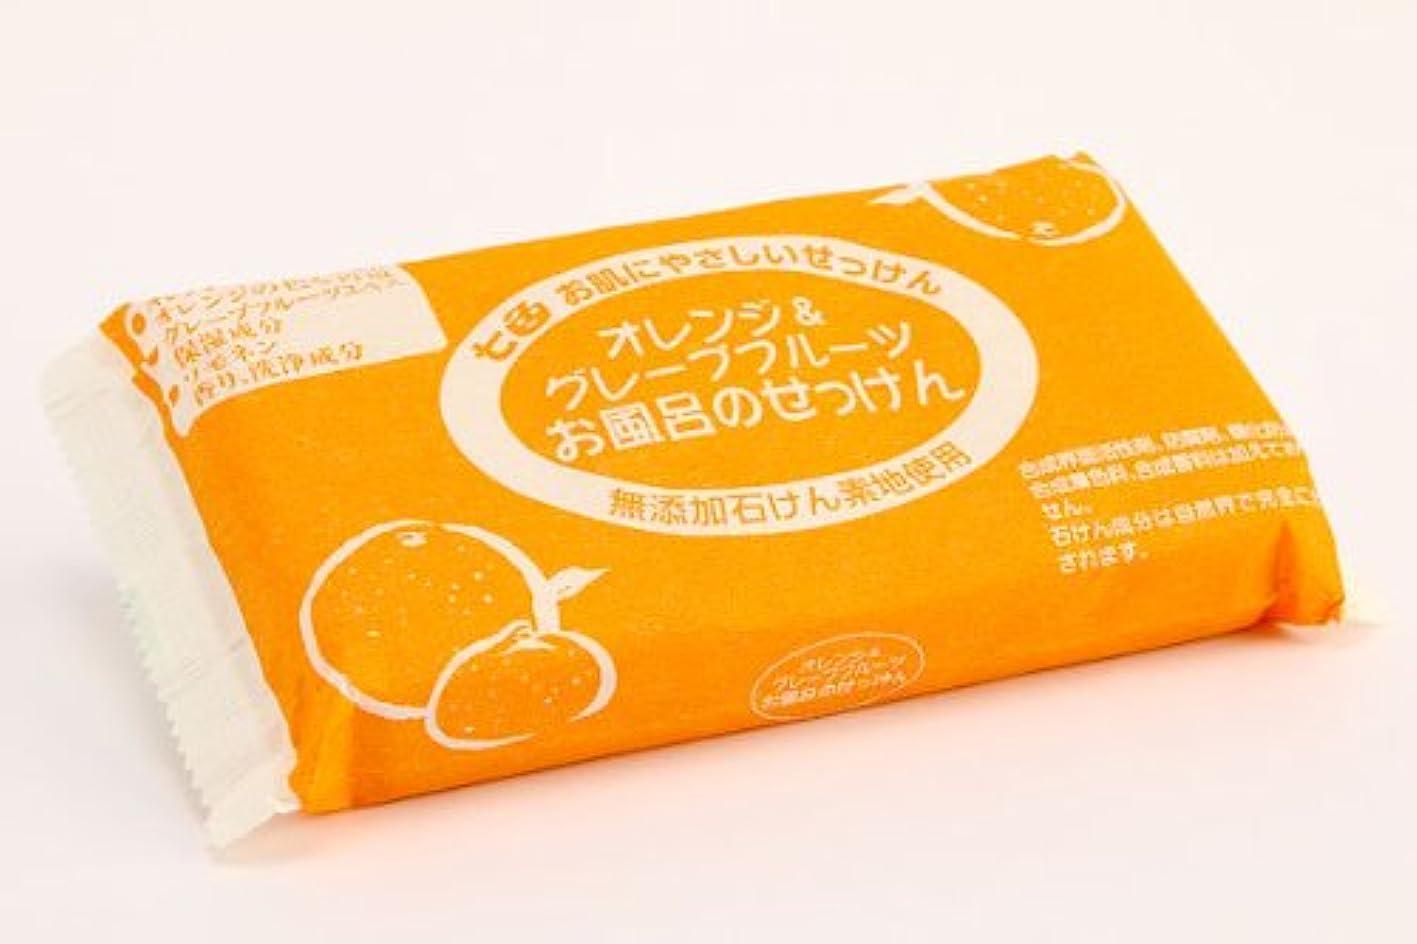 ビデオ成り立つ音声学まるは油脂化学 七色石けん オレンジ&グレープフルーツお風呂の石けん3P 100g×3個パック×40